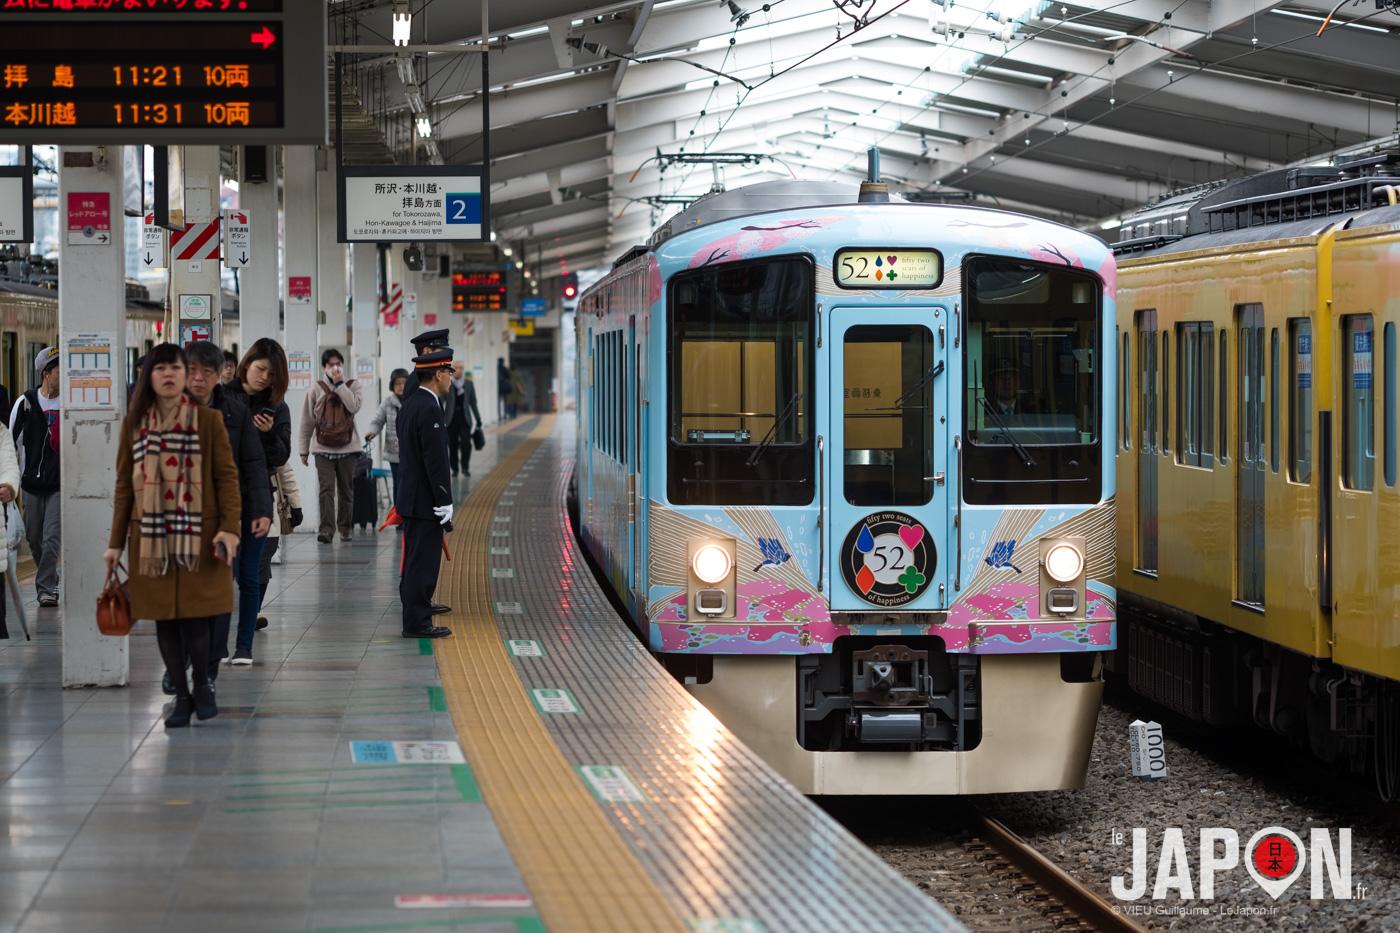 """Le train """"52 seats of happiness"""" en gare à Tokyo Ikebukuro pour ensuite aller à Chichibu"""